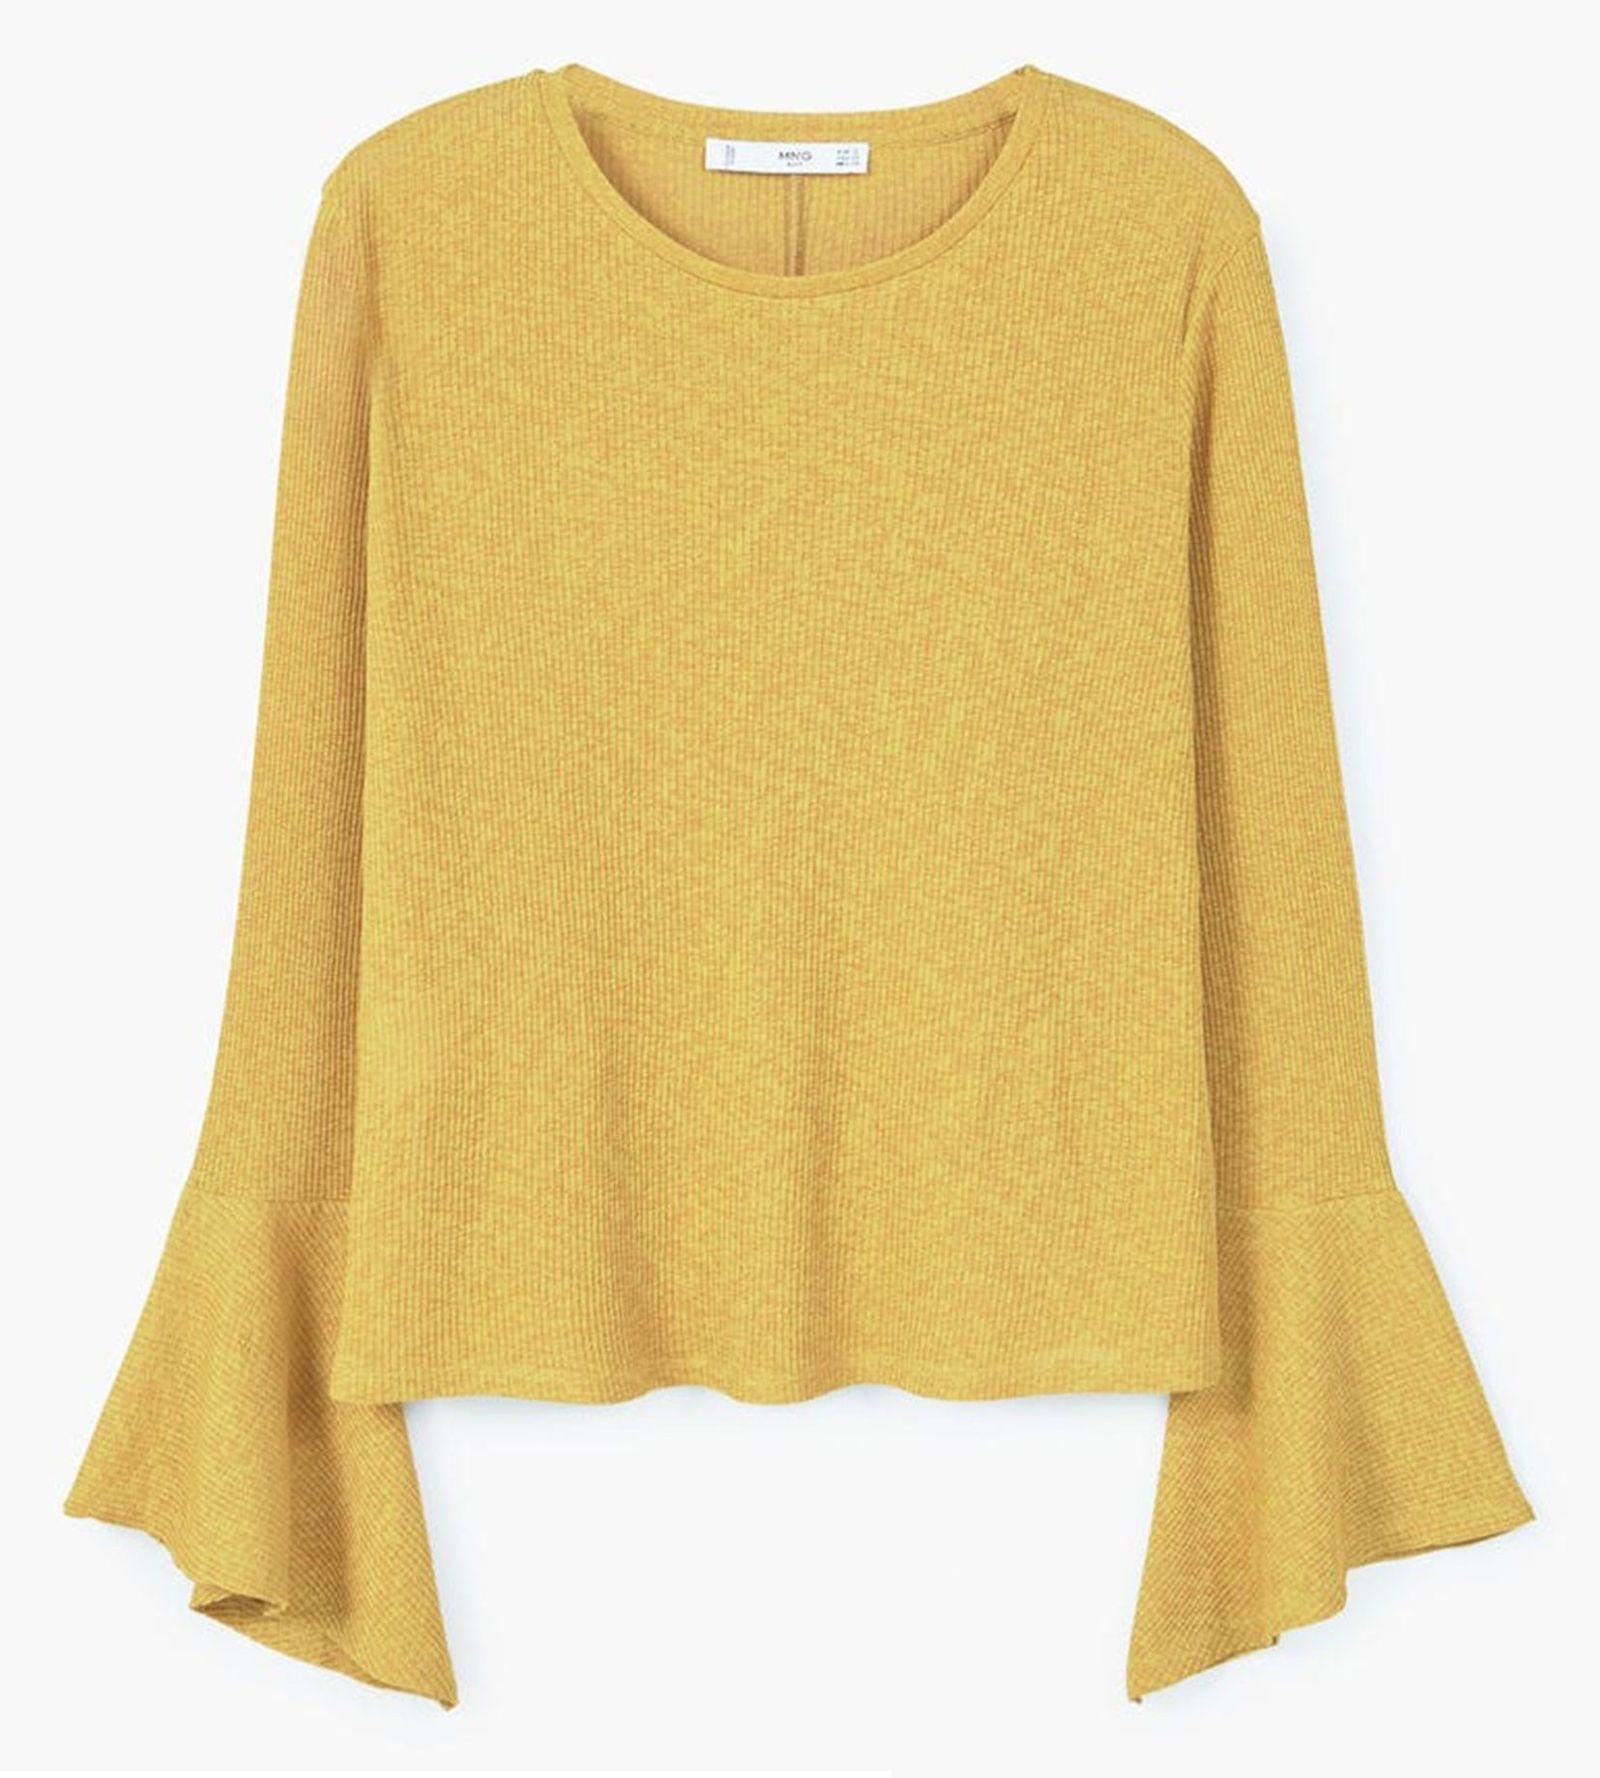 تی شرت یقه گرد زنانه - مانگو - خردلي - 1